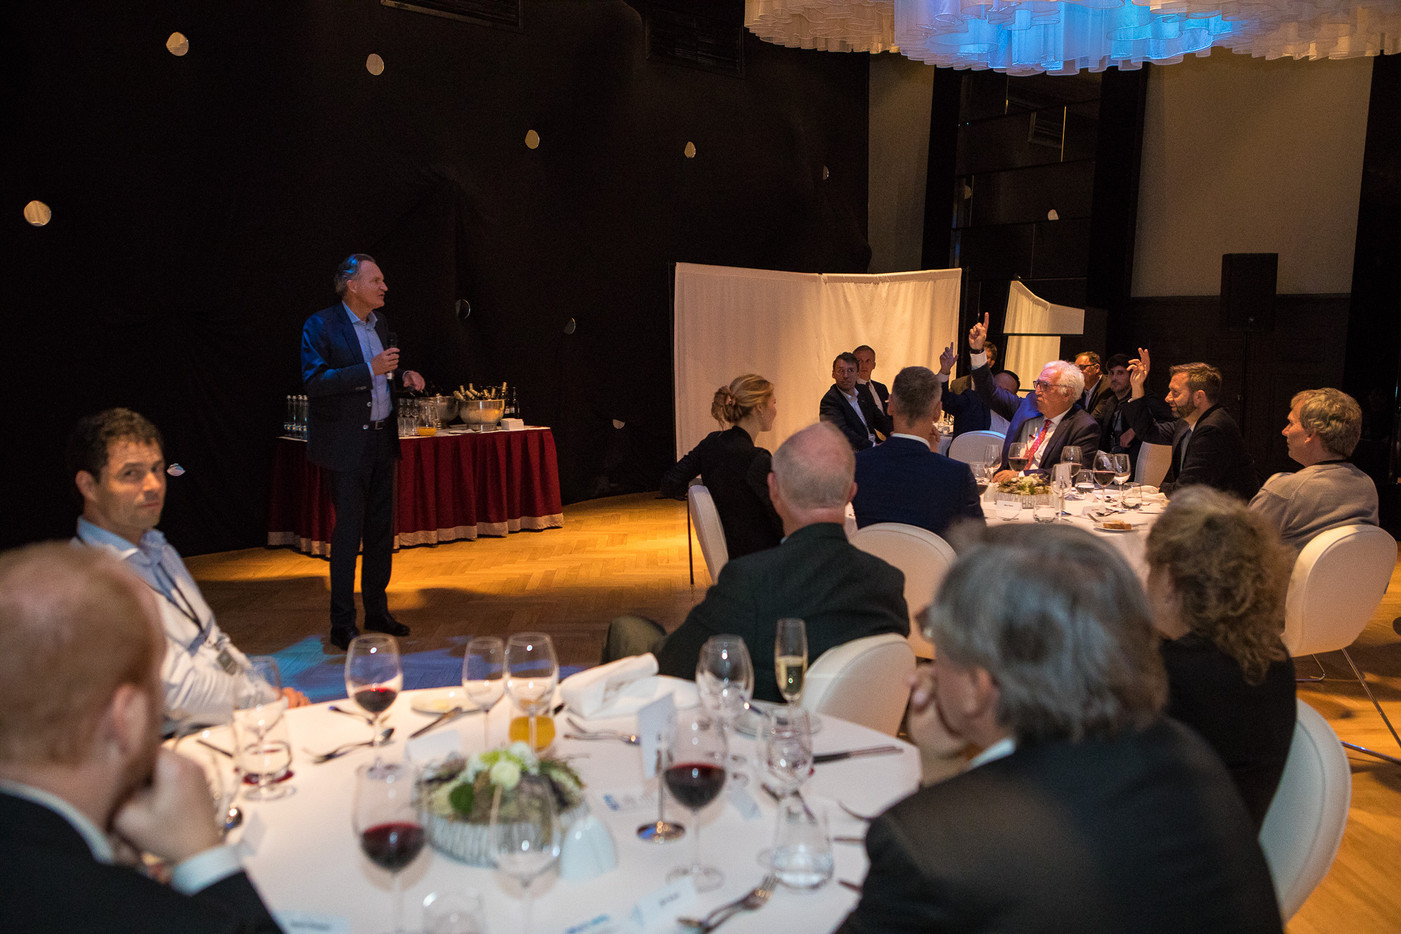 Robert-Jan Smits - N100 Gala Dinner